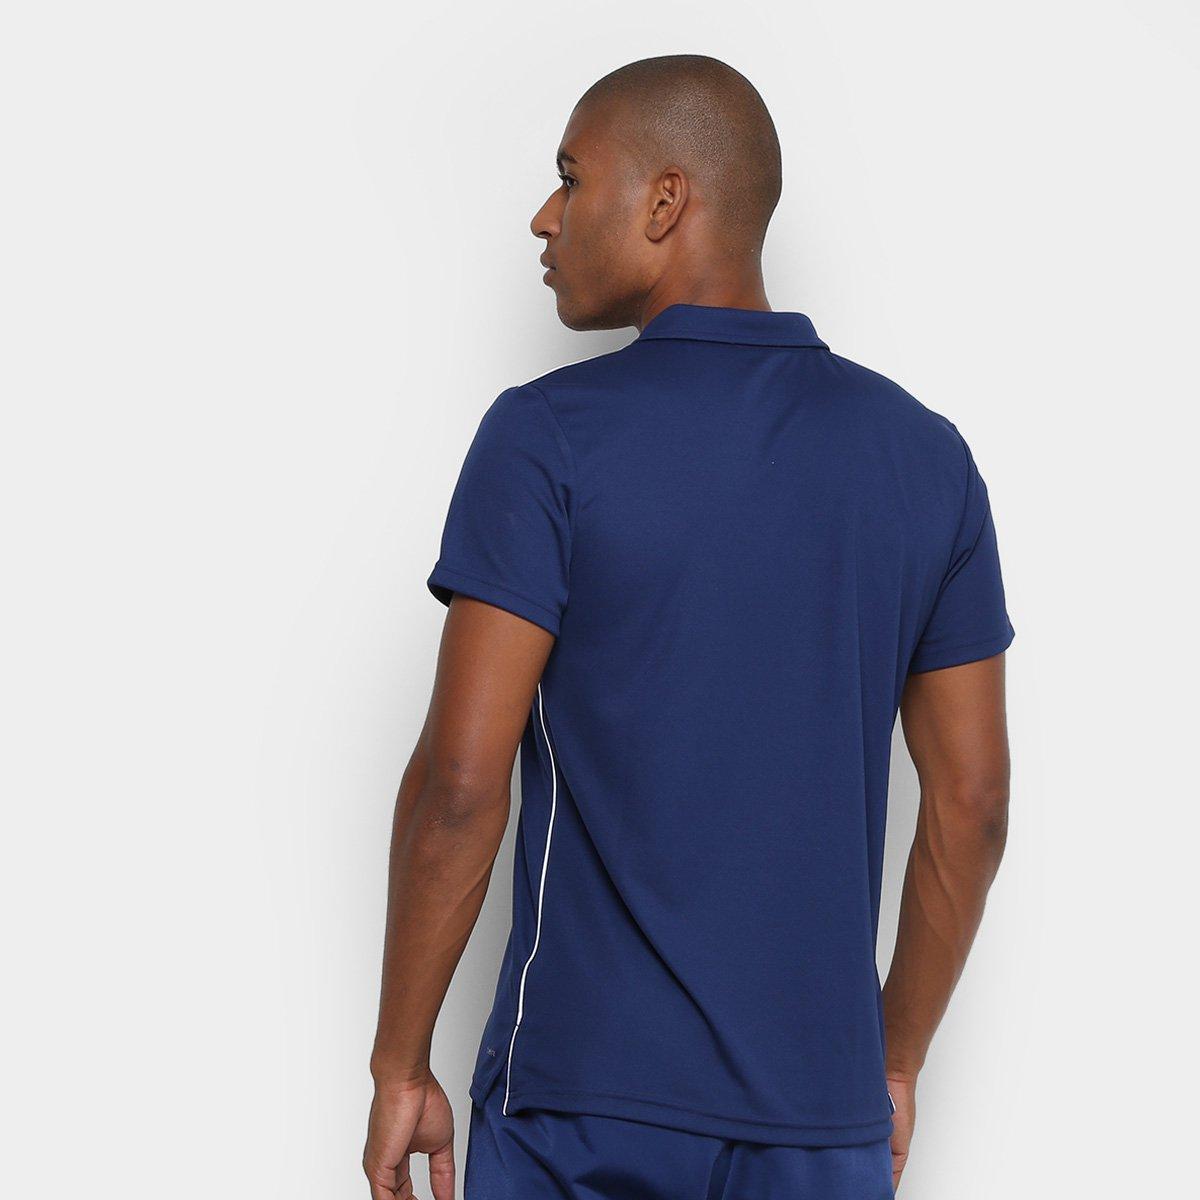 ... Foto 2 - Camisa Polo Adidas Core 18 Masculina 9c700a94f8e